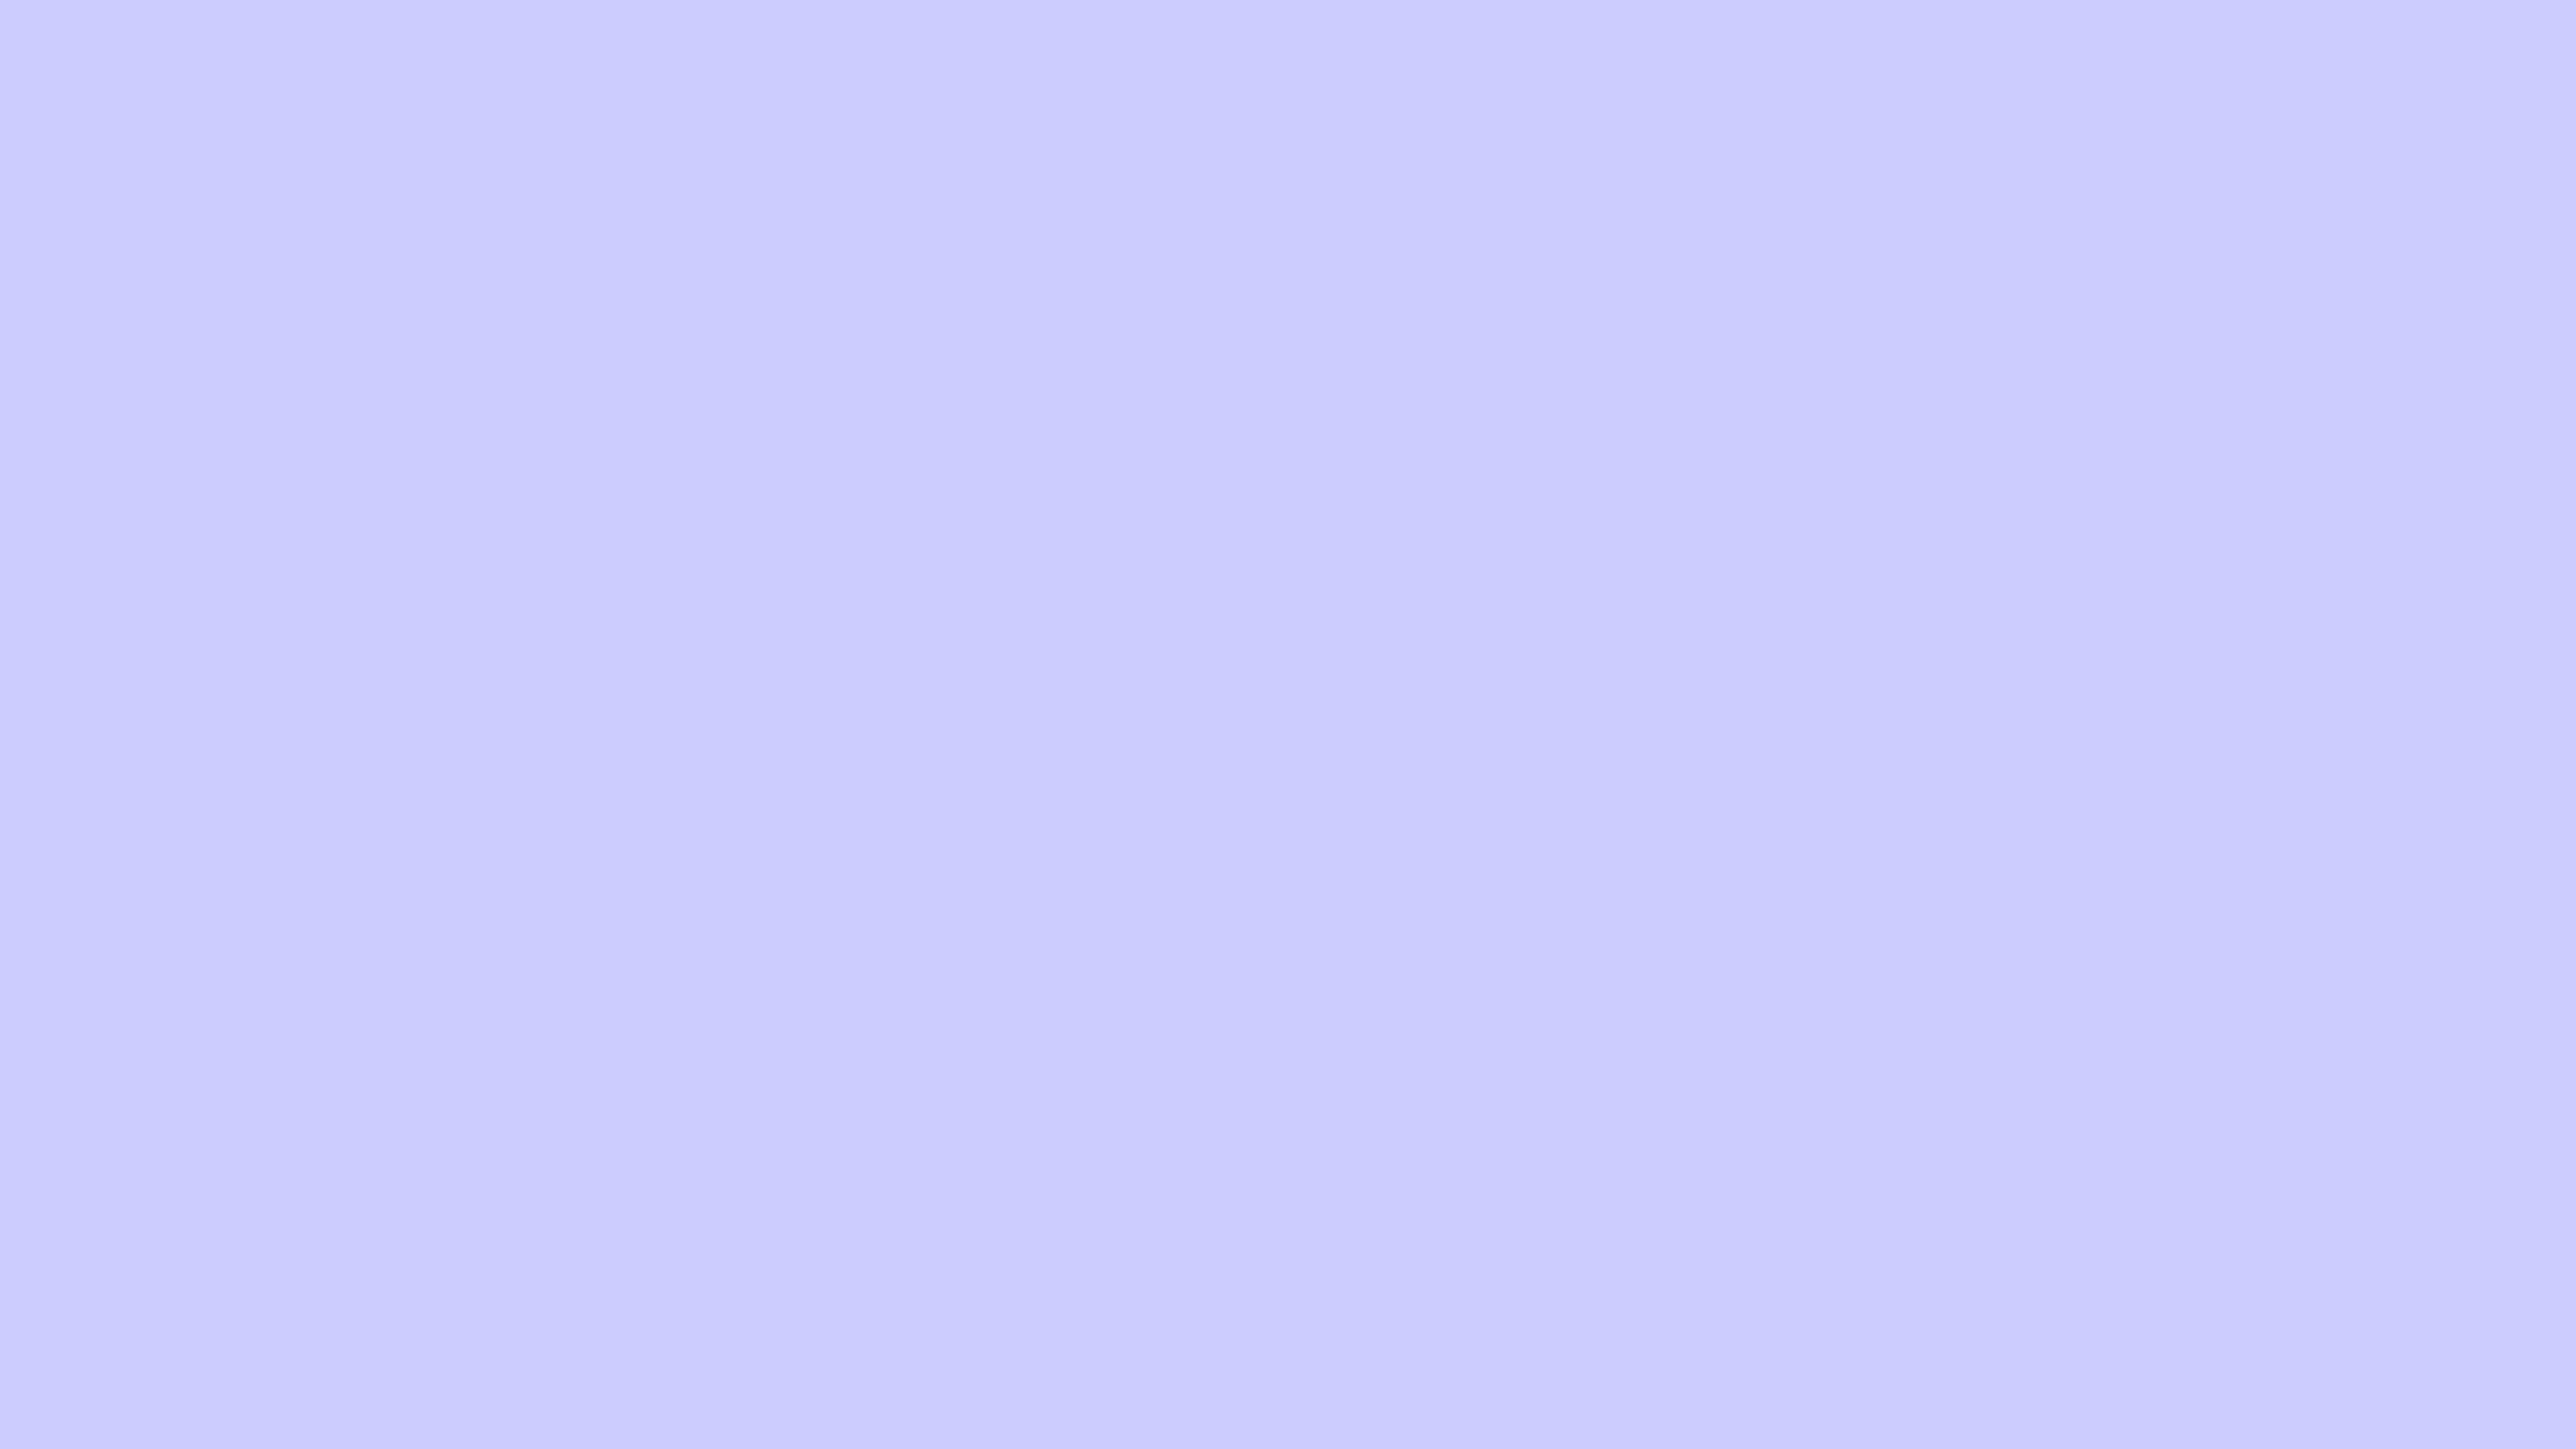 5120x2880 Lavender Blue Solid Color Background